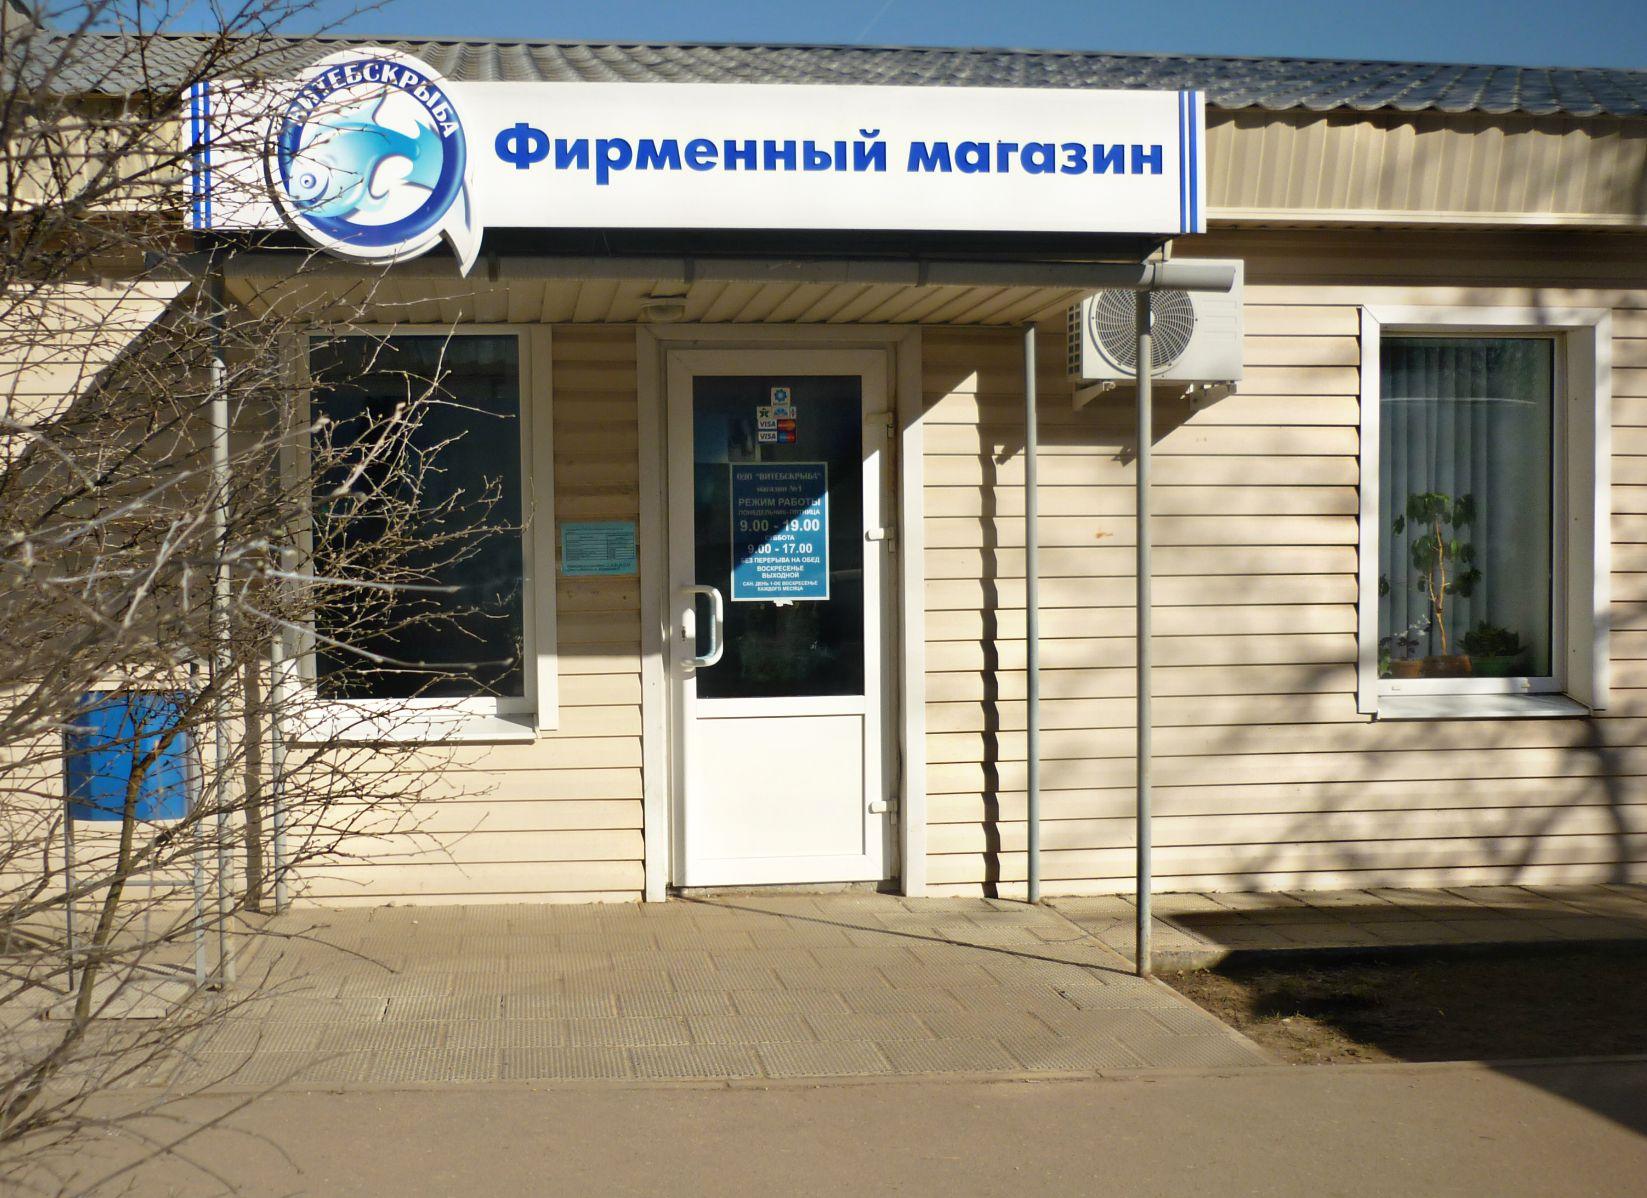 Фирменный магазин ул. Журжевская,8